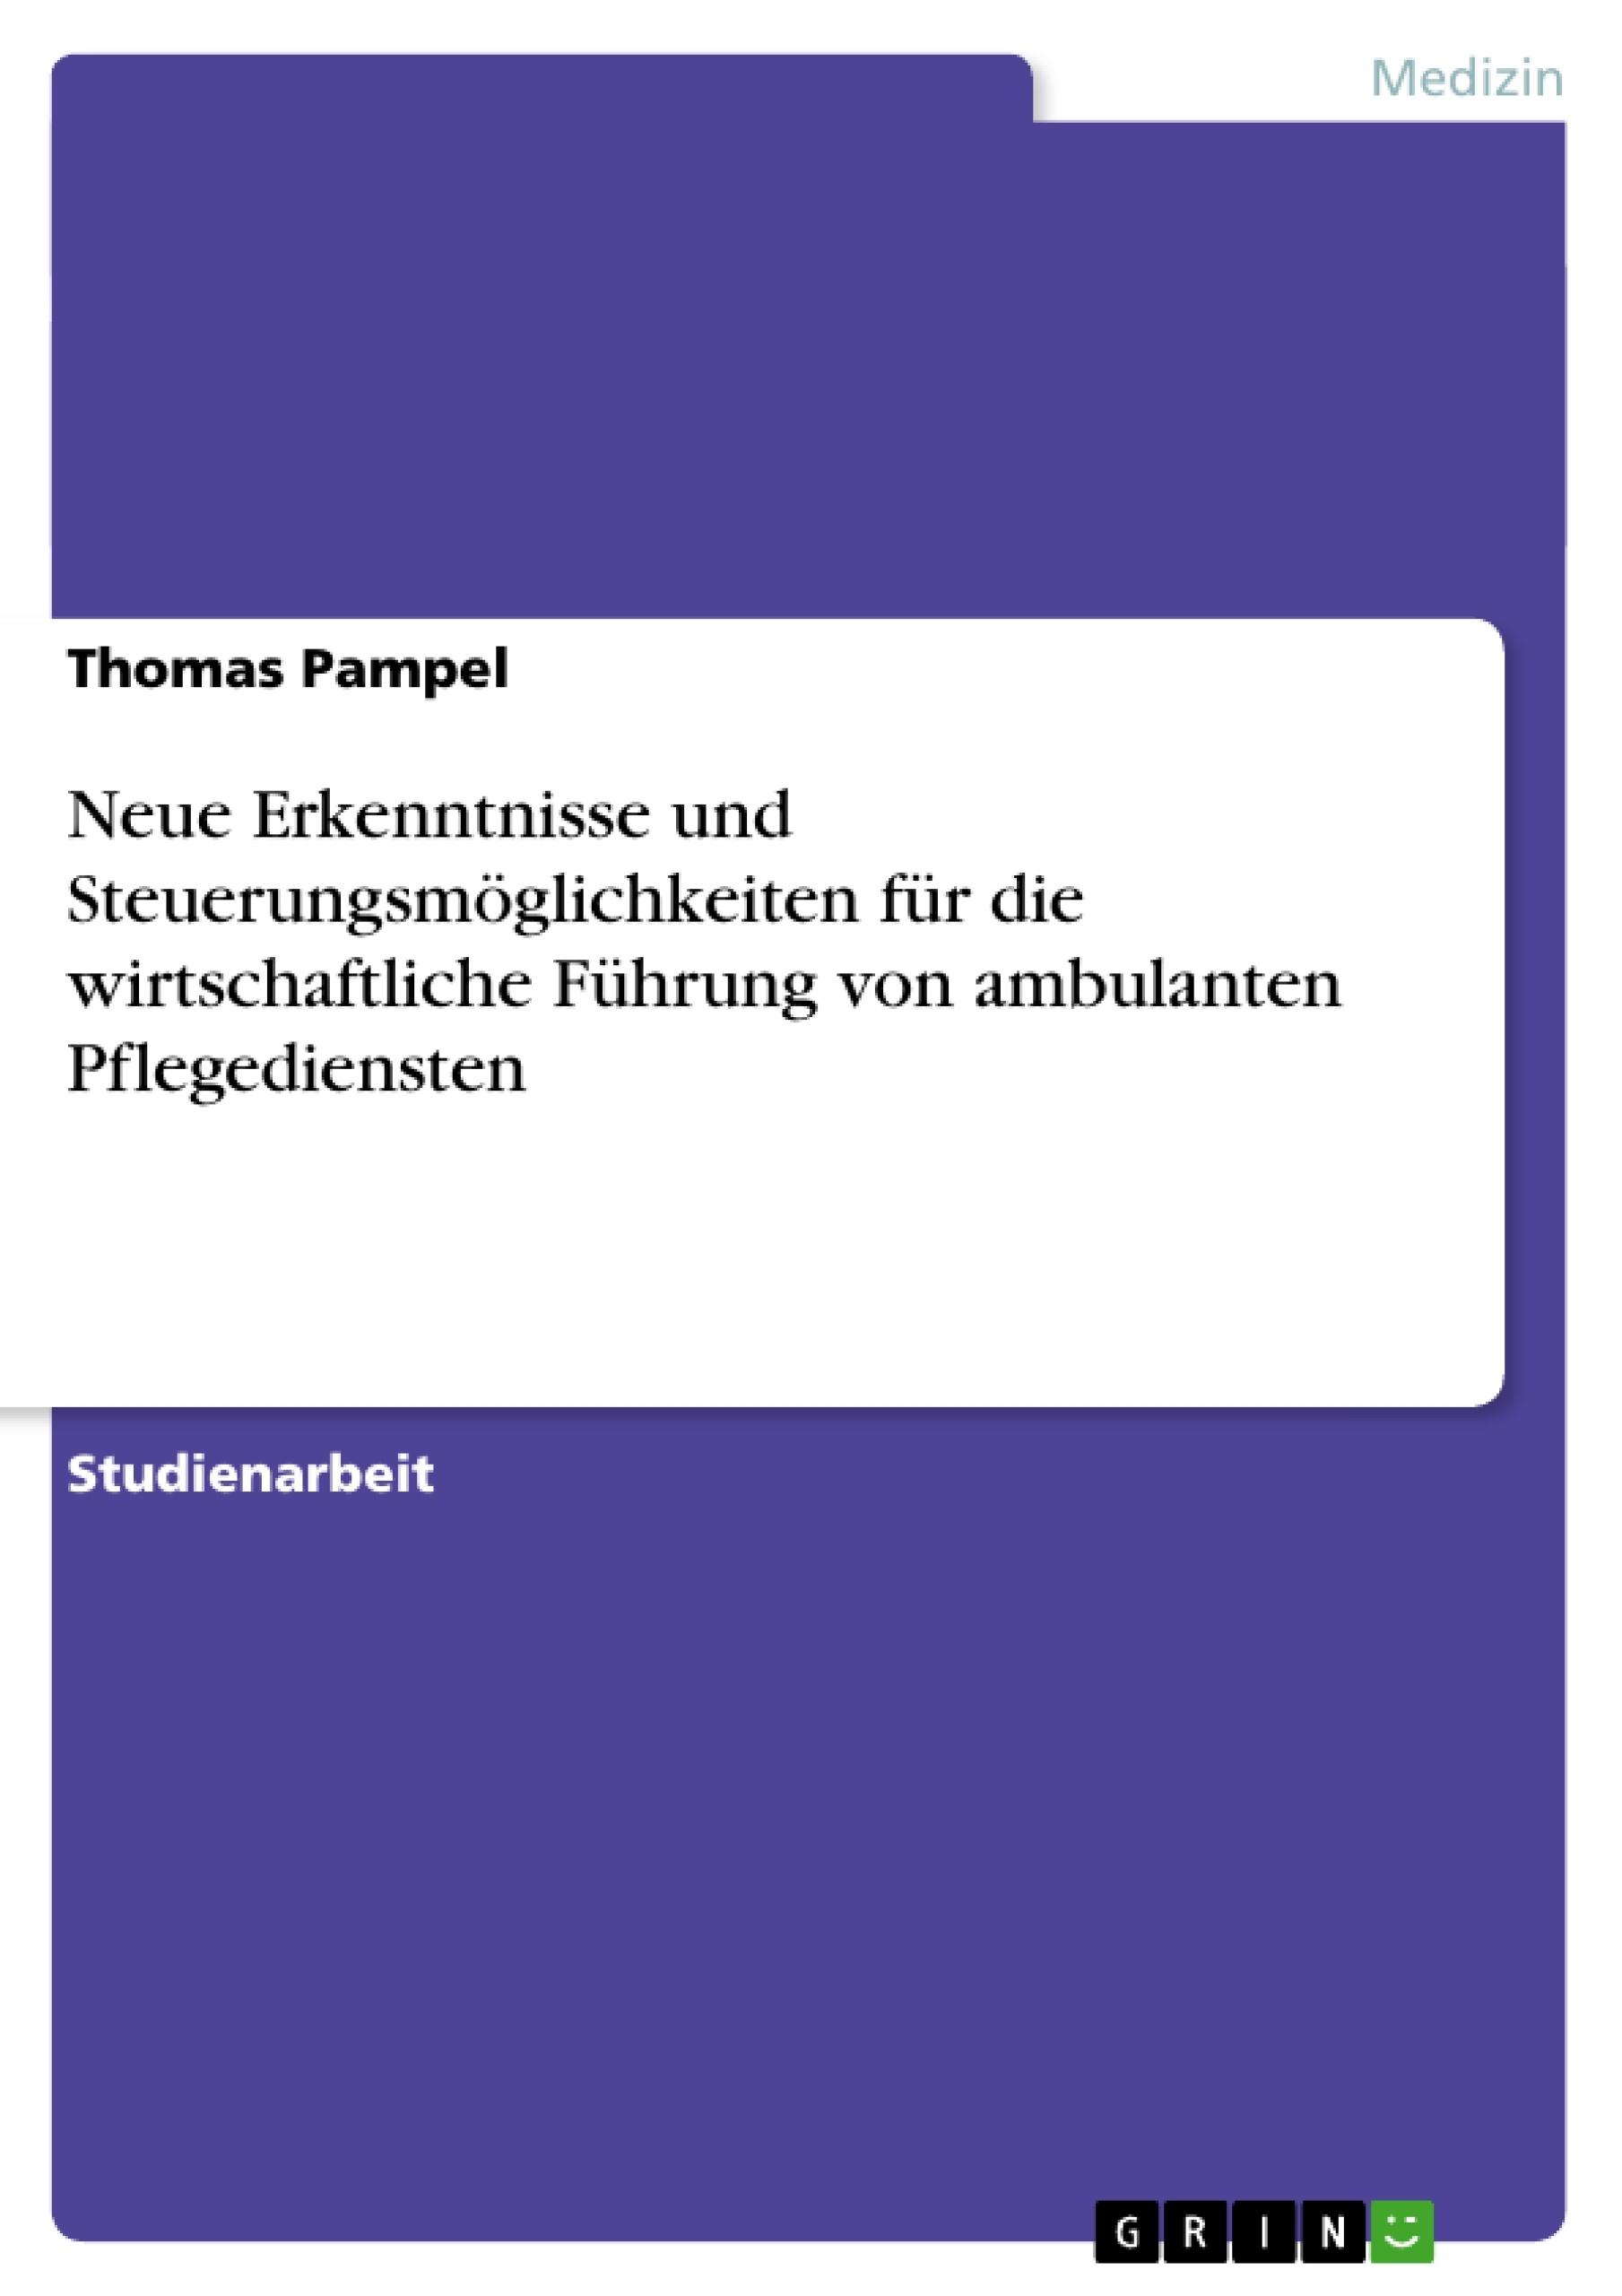 Titel: Neue Erkenntnisse und Steuerungsmöglichkeiten für die wirtschaftliche Führung von ambulanten Pflegediensten